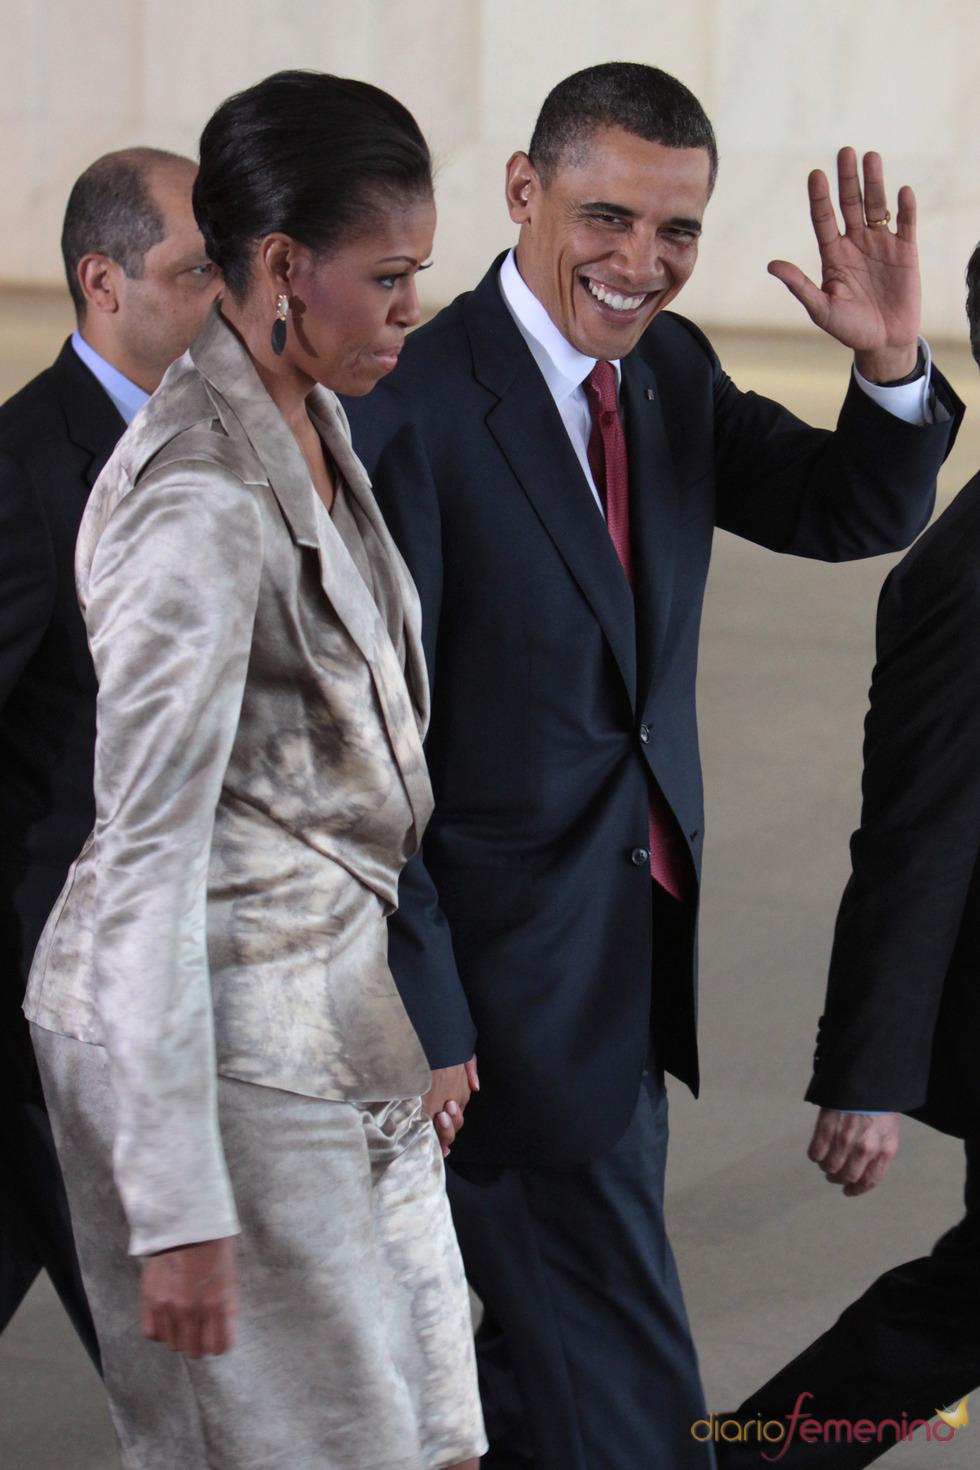 Barack Obama y Michelle Obama en el Palacio Itamaraty en Brasilia